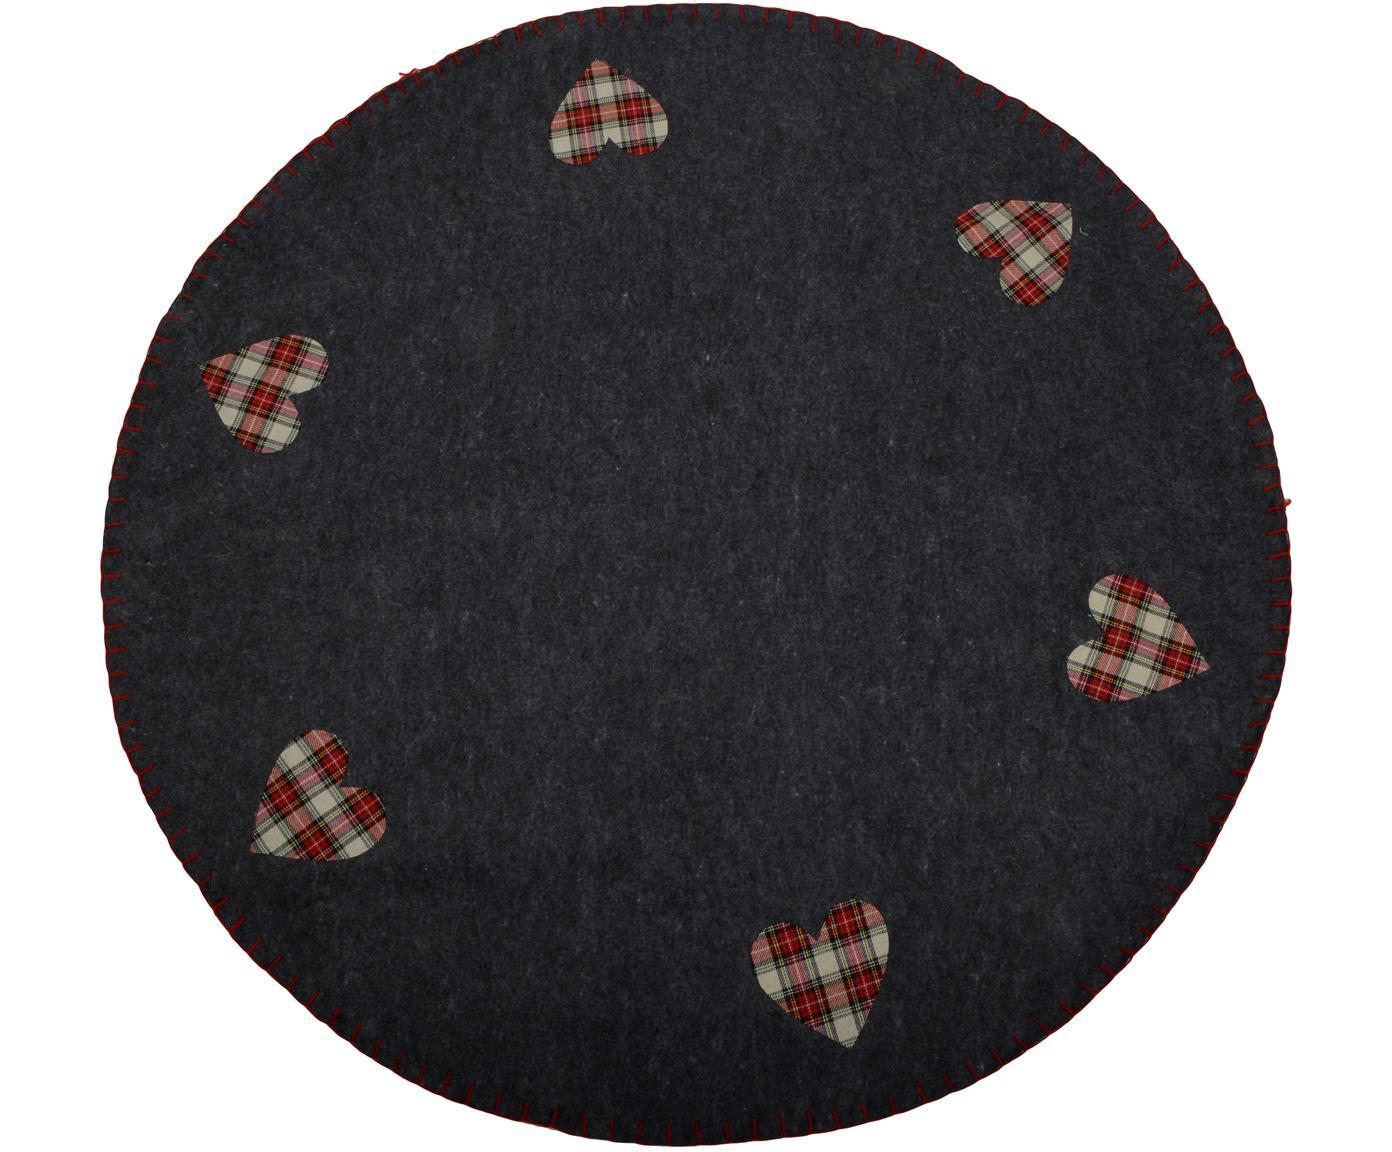 Sotto tappeto per albero di Natale Heart, Feltro, Grigio scuro, beige, rosso, Ø 100 cm